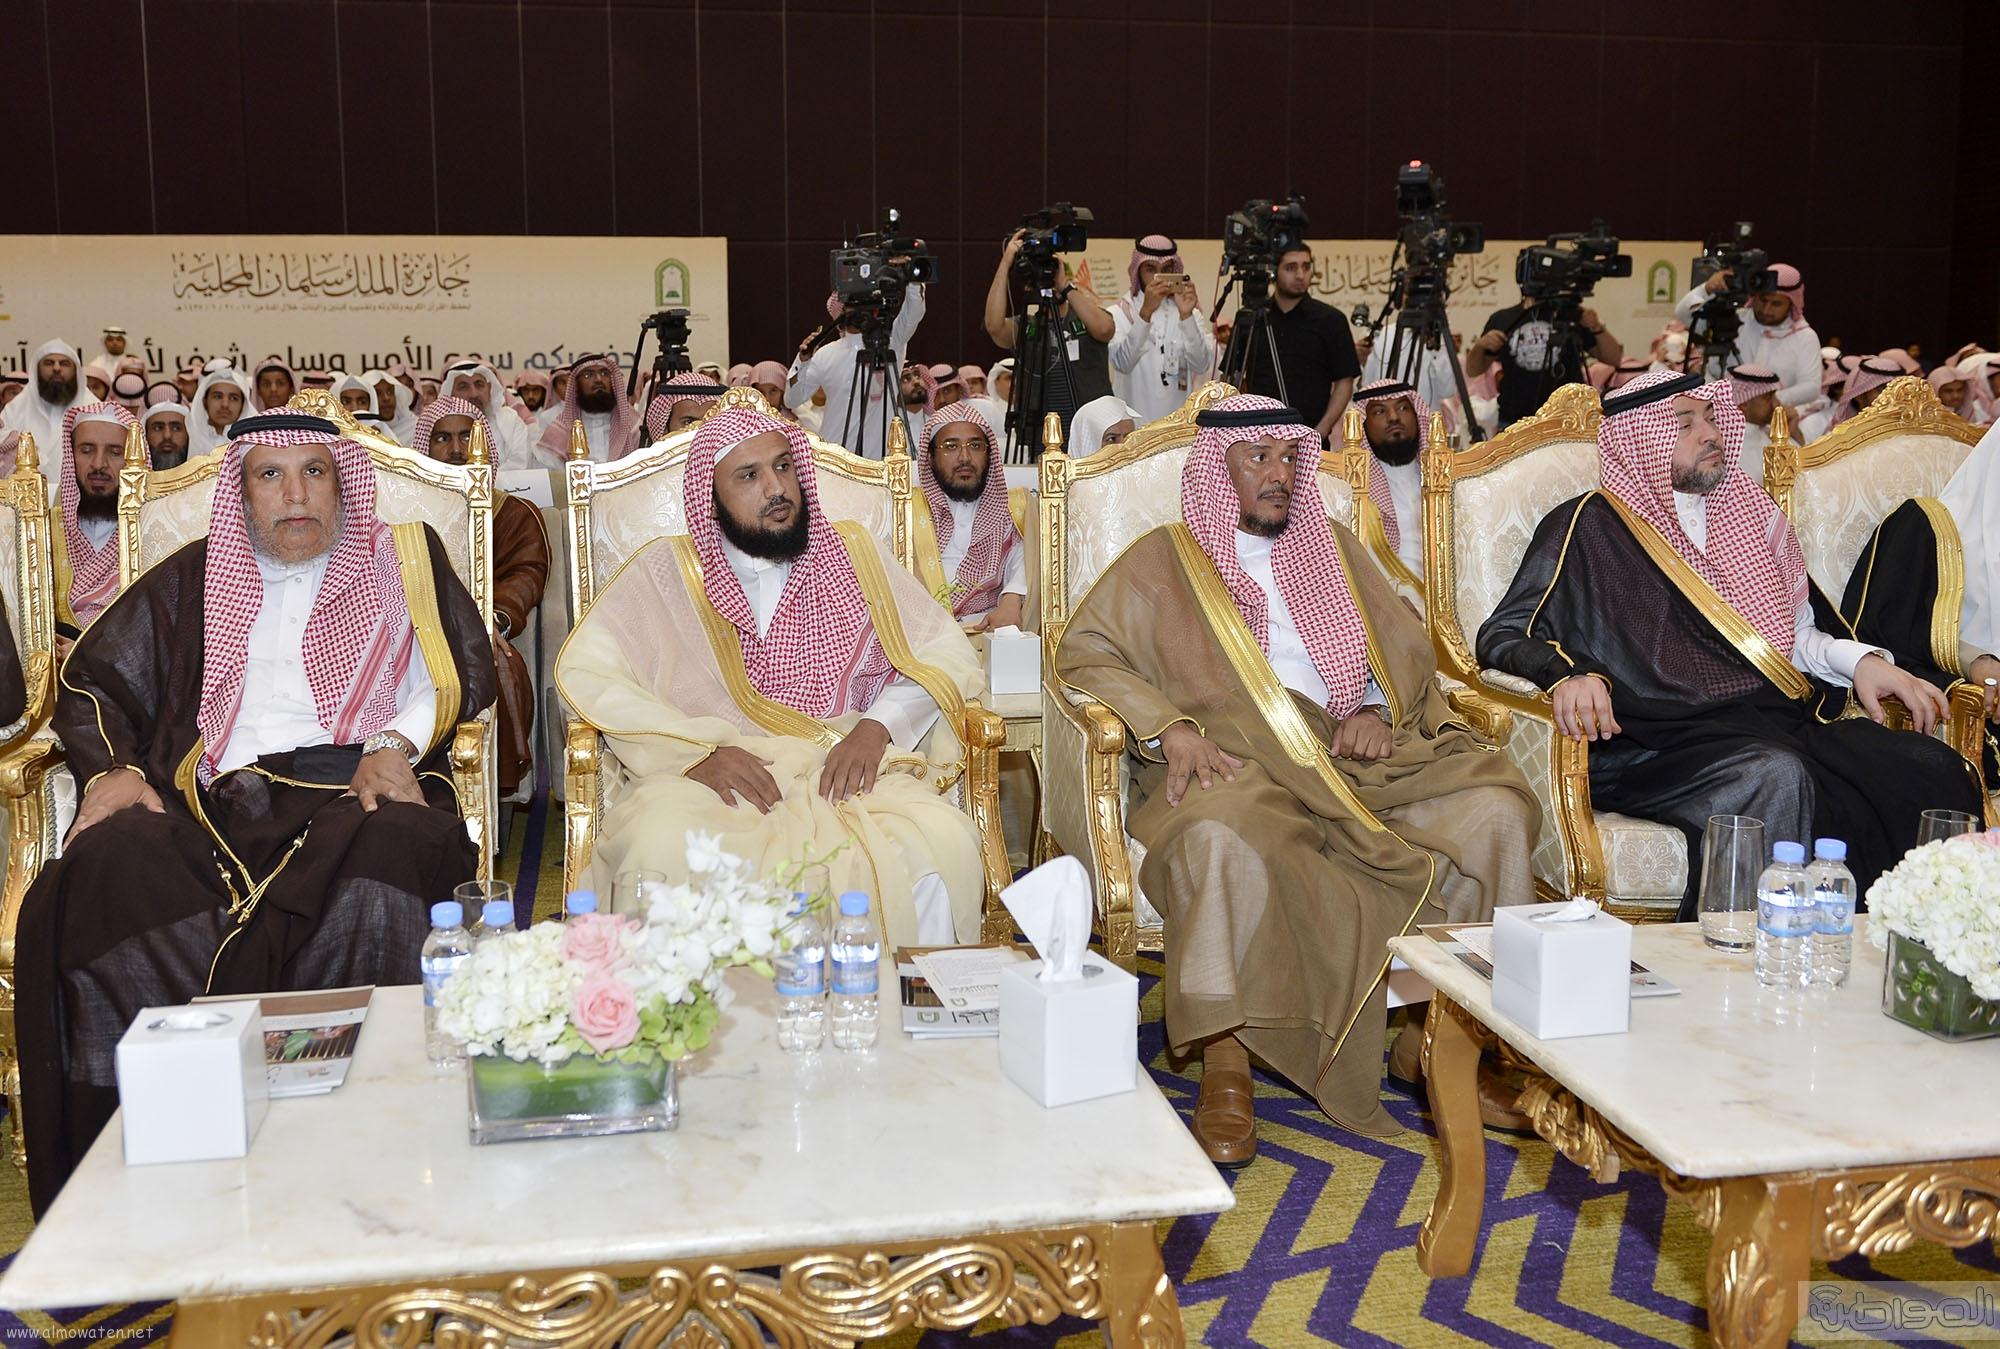 امير منطقة الرياض يرعى حفل اختتام مسابقة جائزة الملك سلمان لحفظ القران الكريم (6)